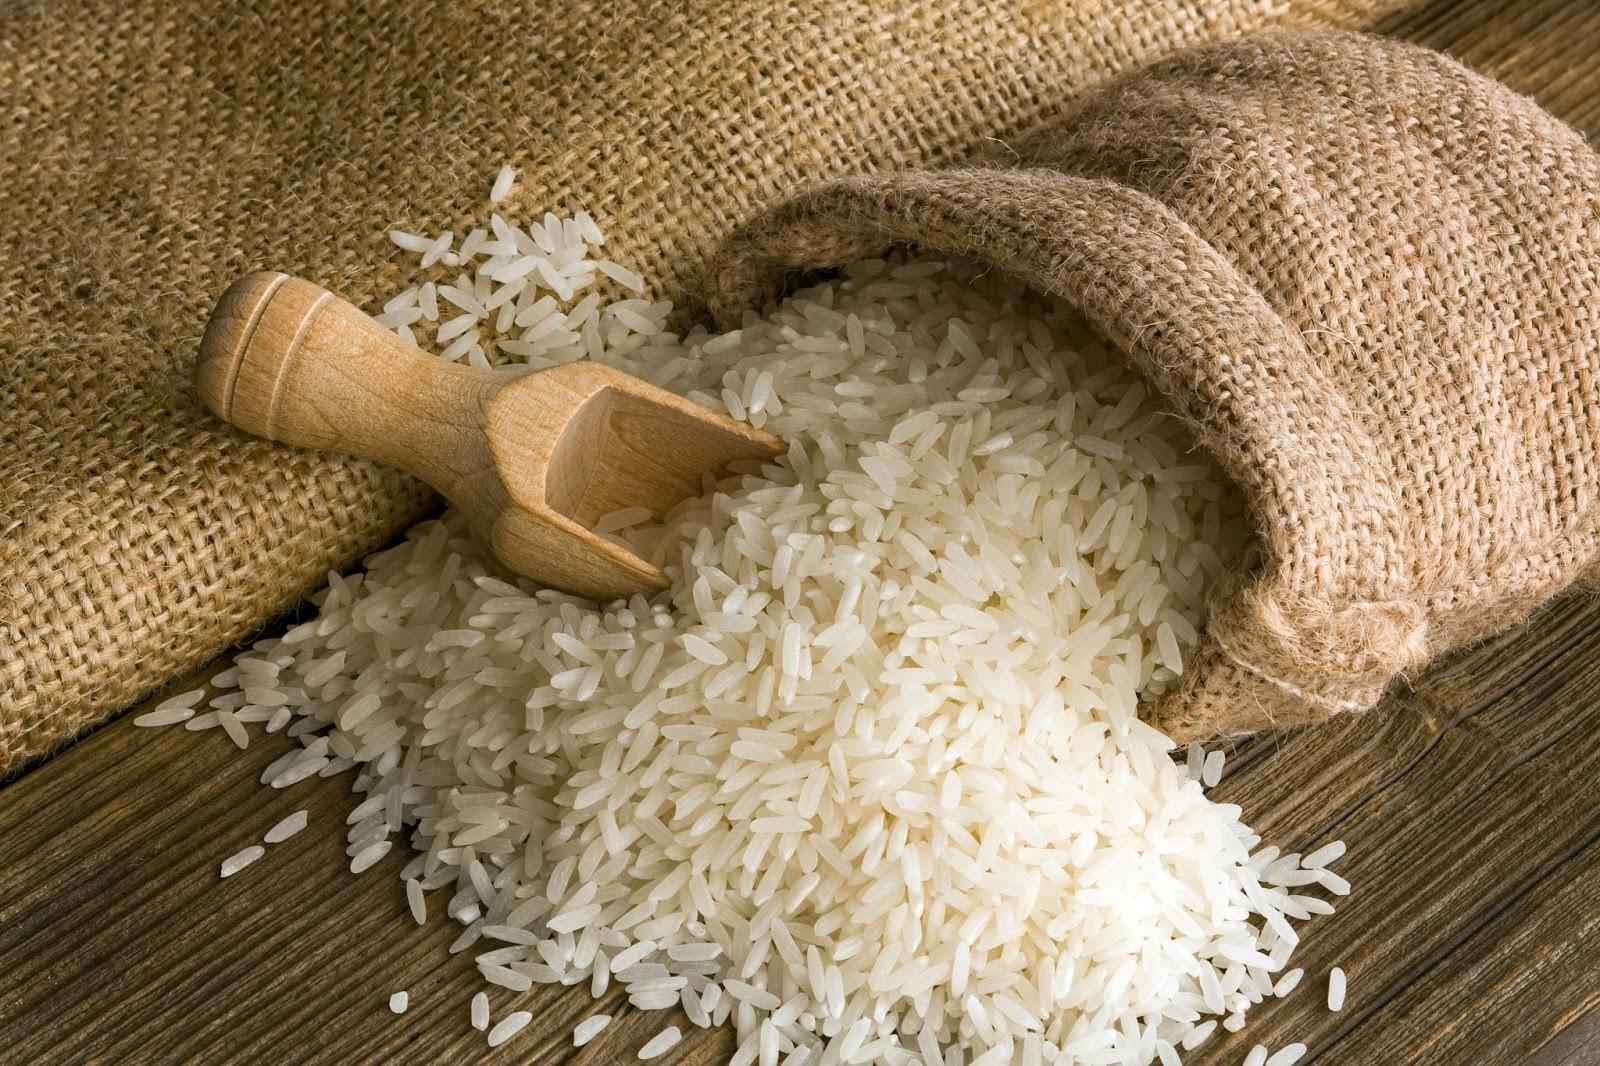 بعد تداول الاشاعات حول وجود أرز مسرطن في لبنان..وزارة الصحة توضح: اي بيان رسمي سينشر على هذا الموقع!